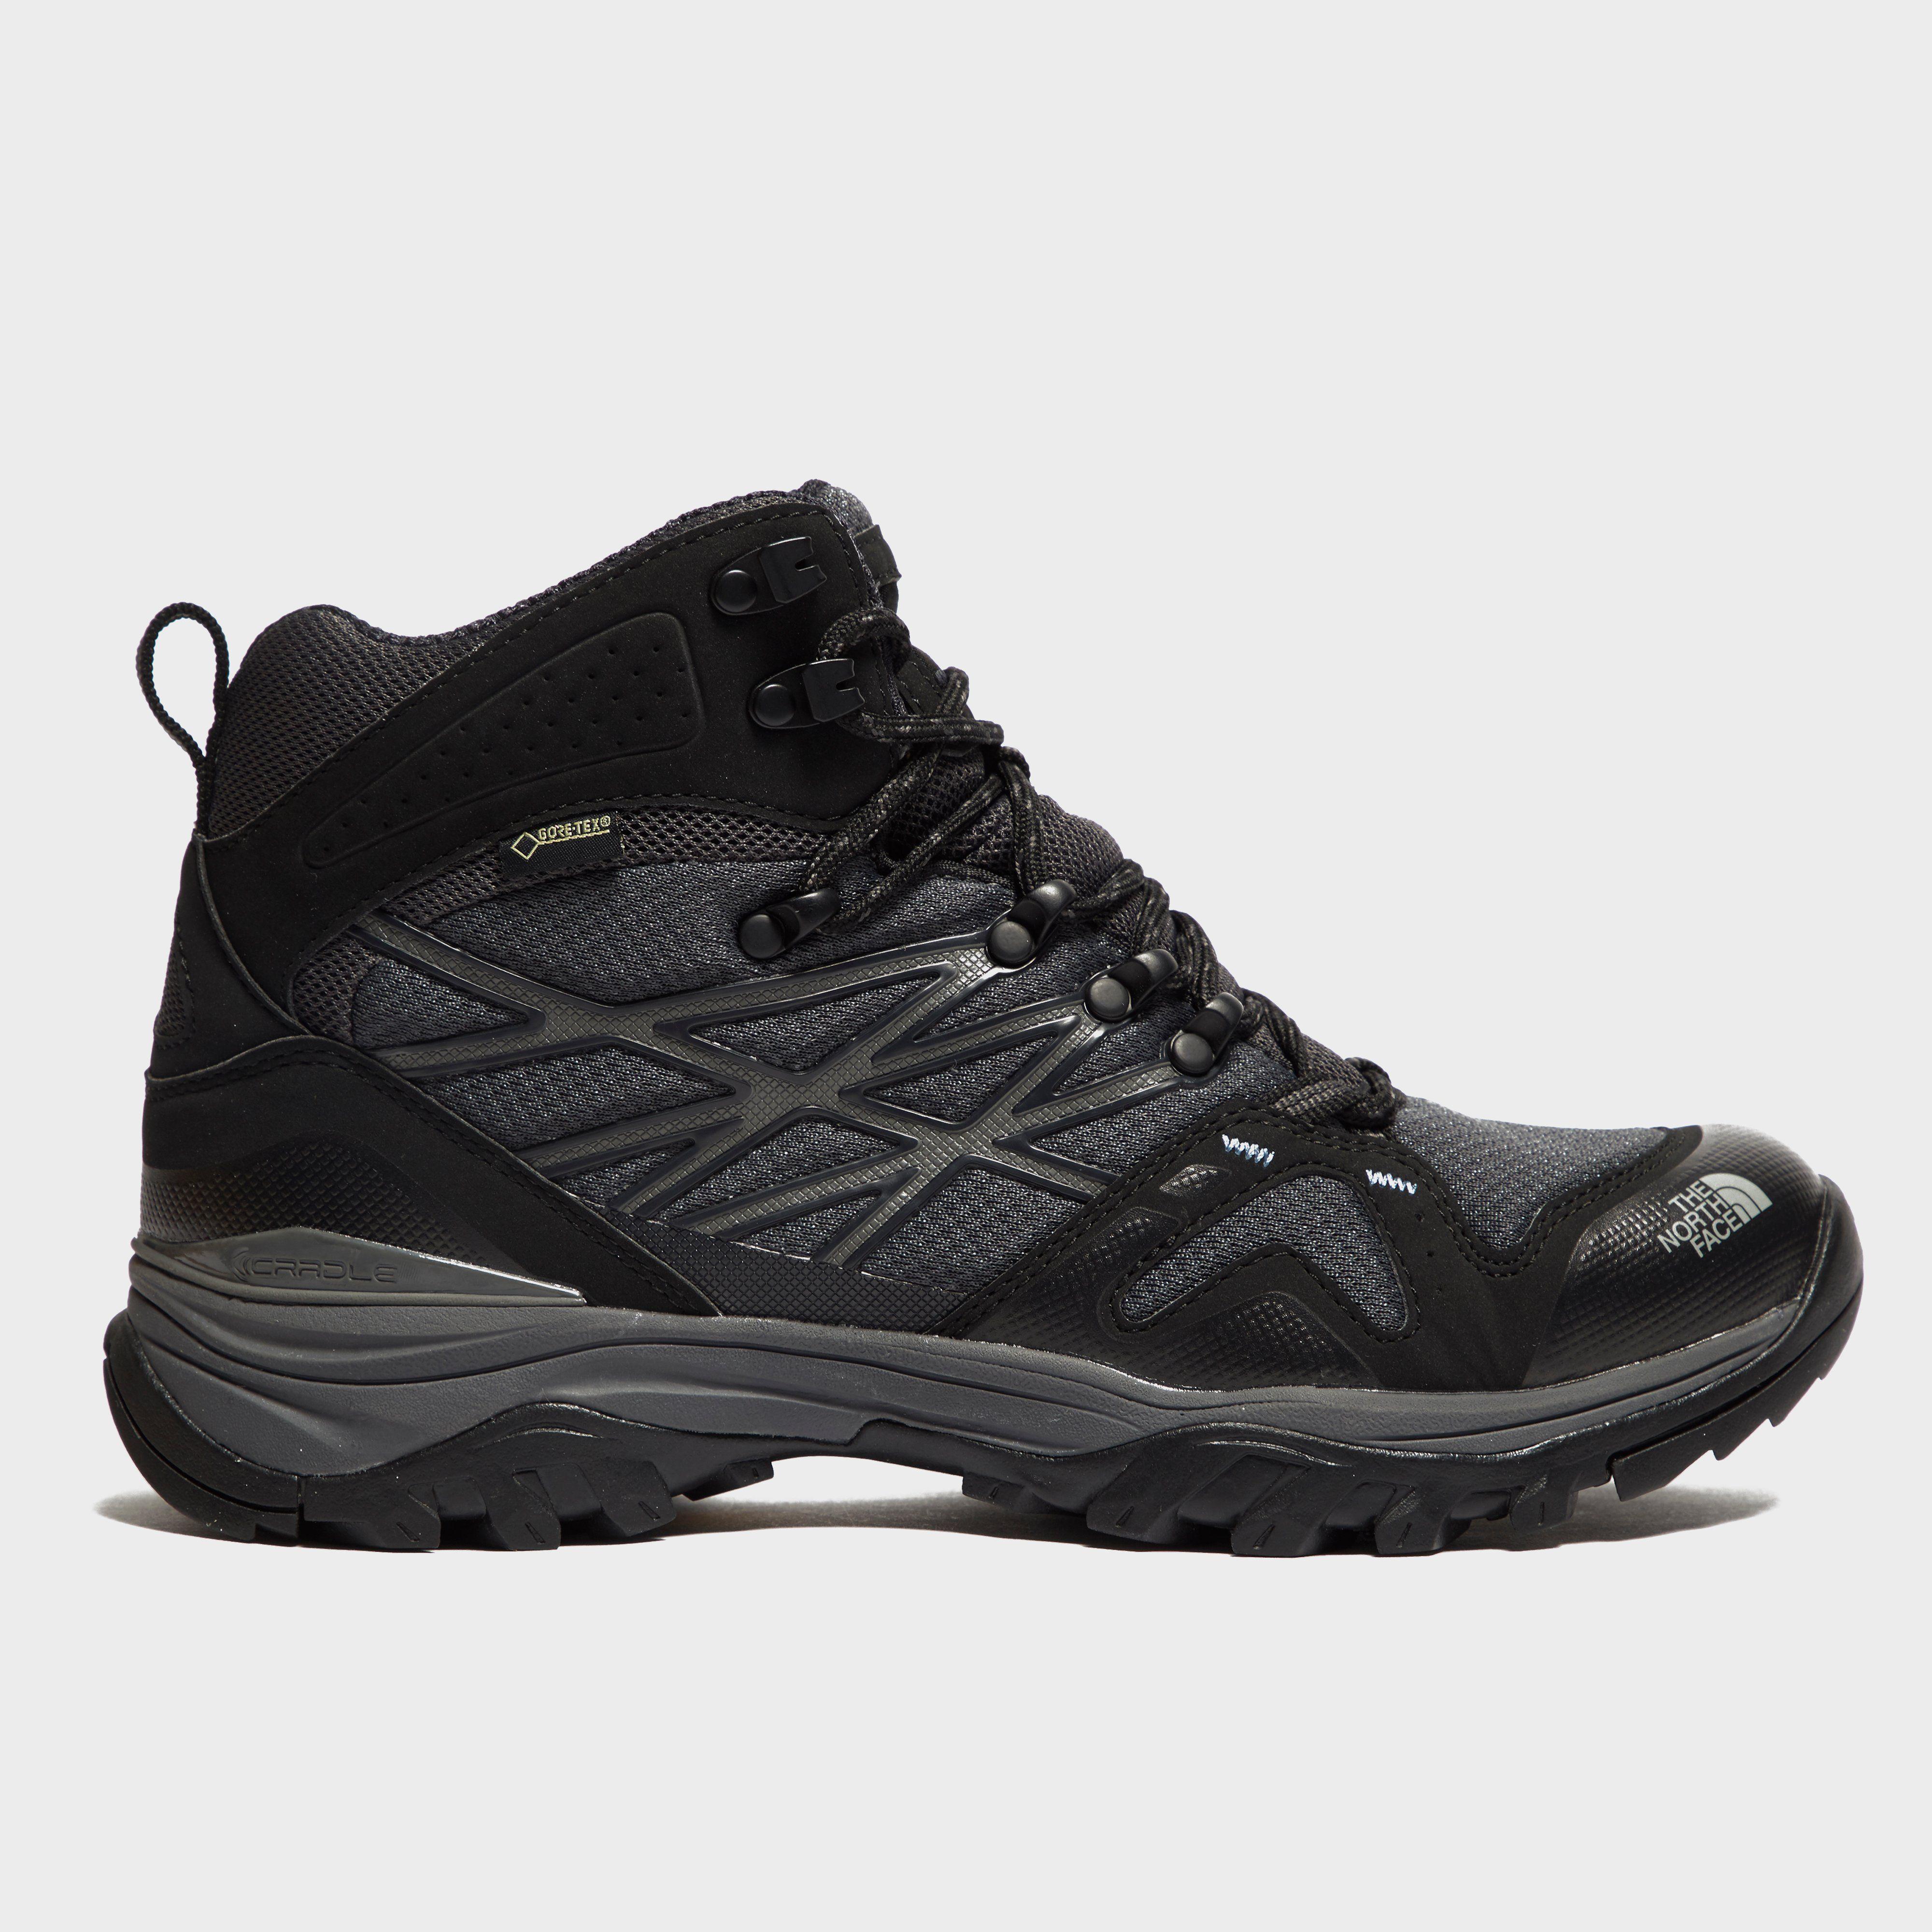 THE NORTH FACE Men's Hedgehog GORE-TEX® Boots